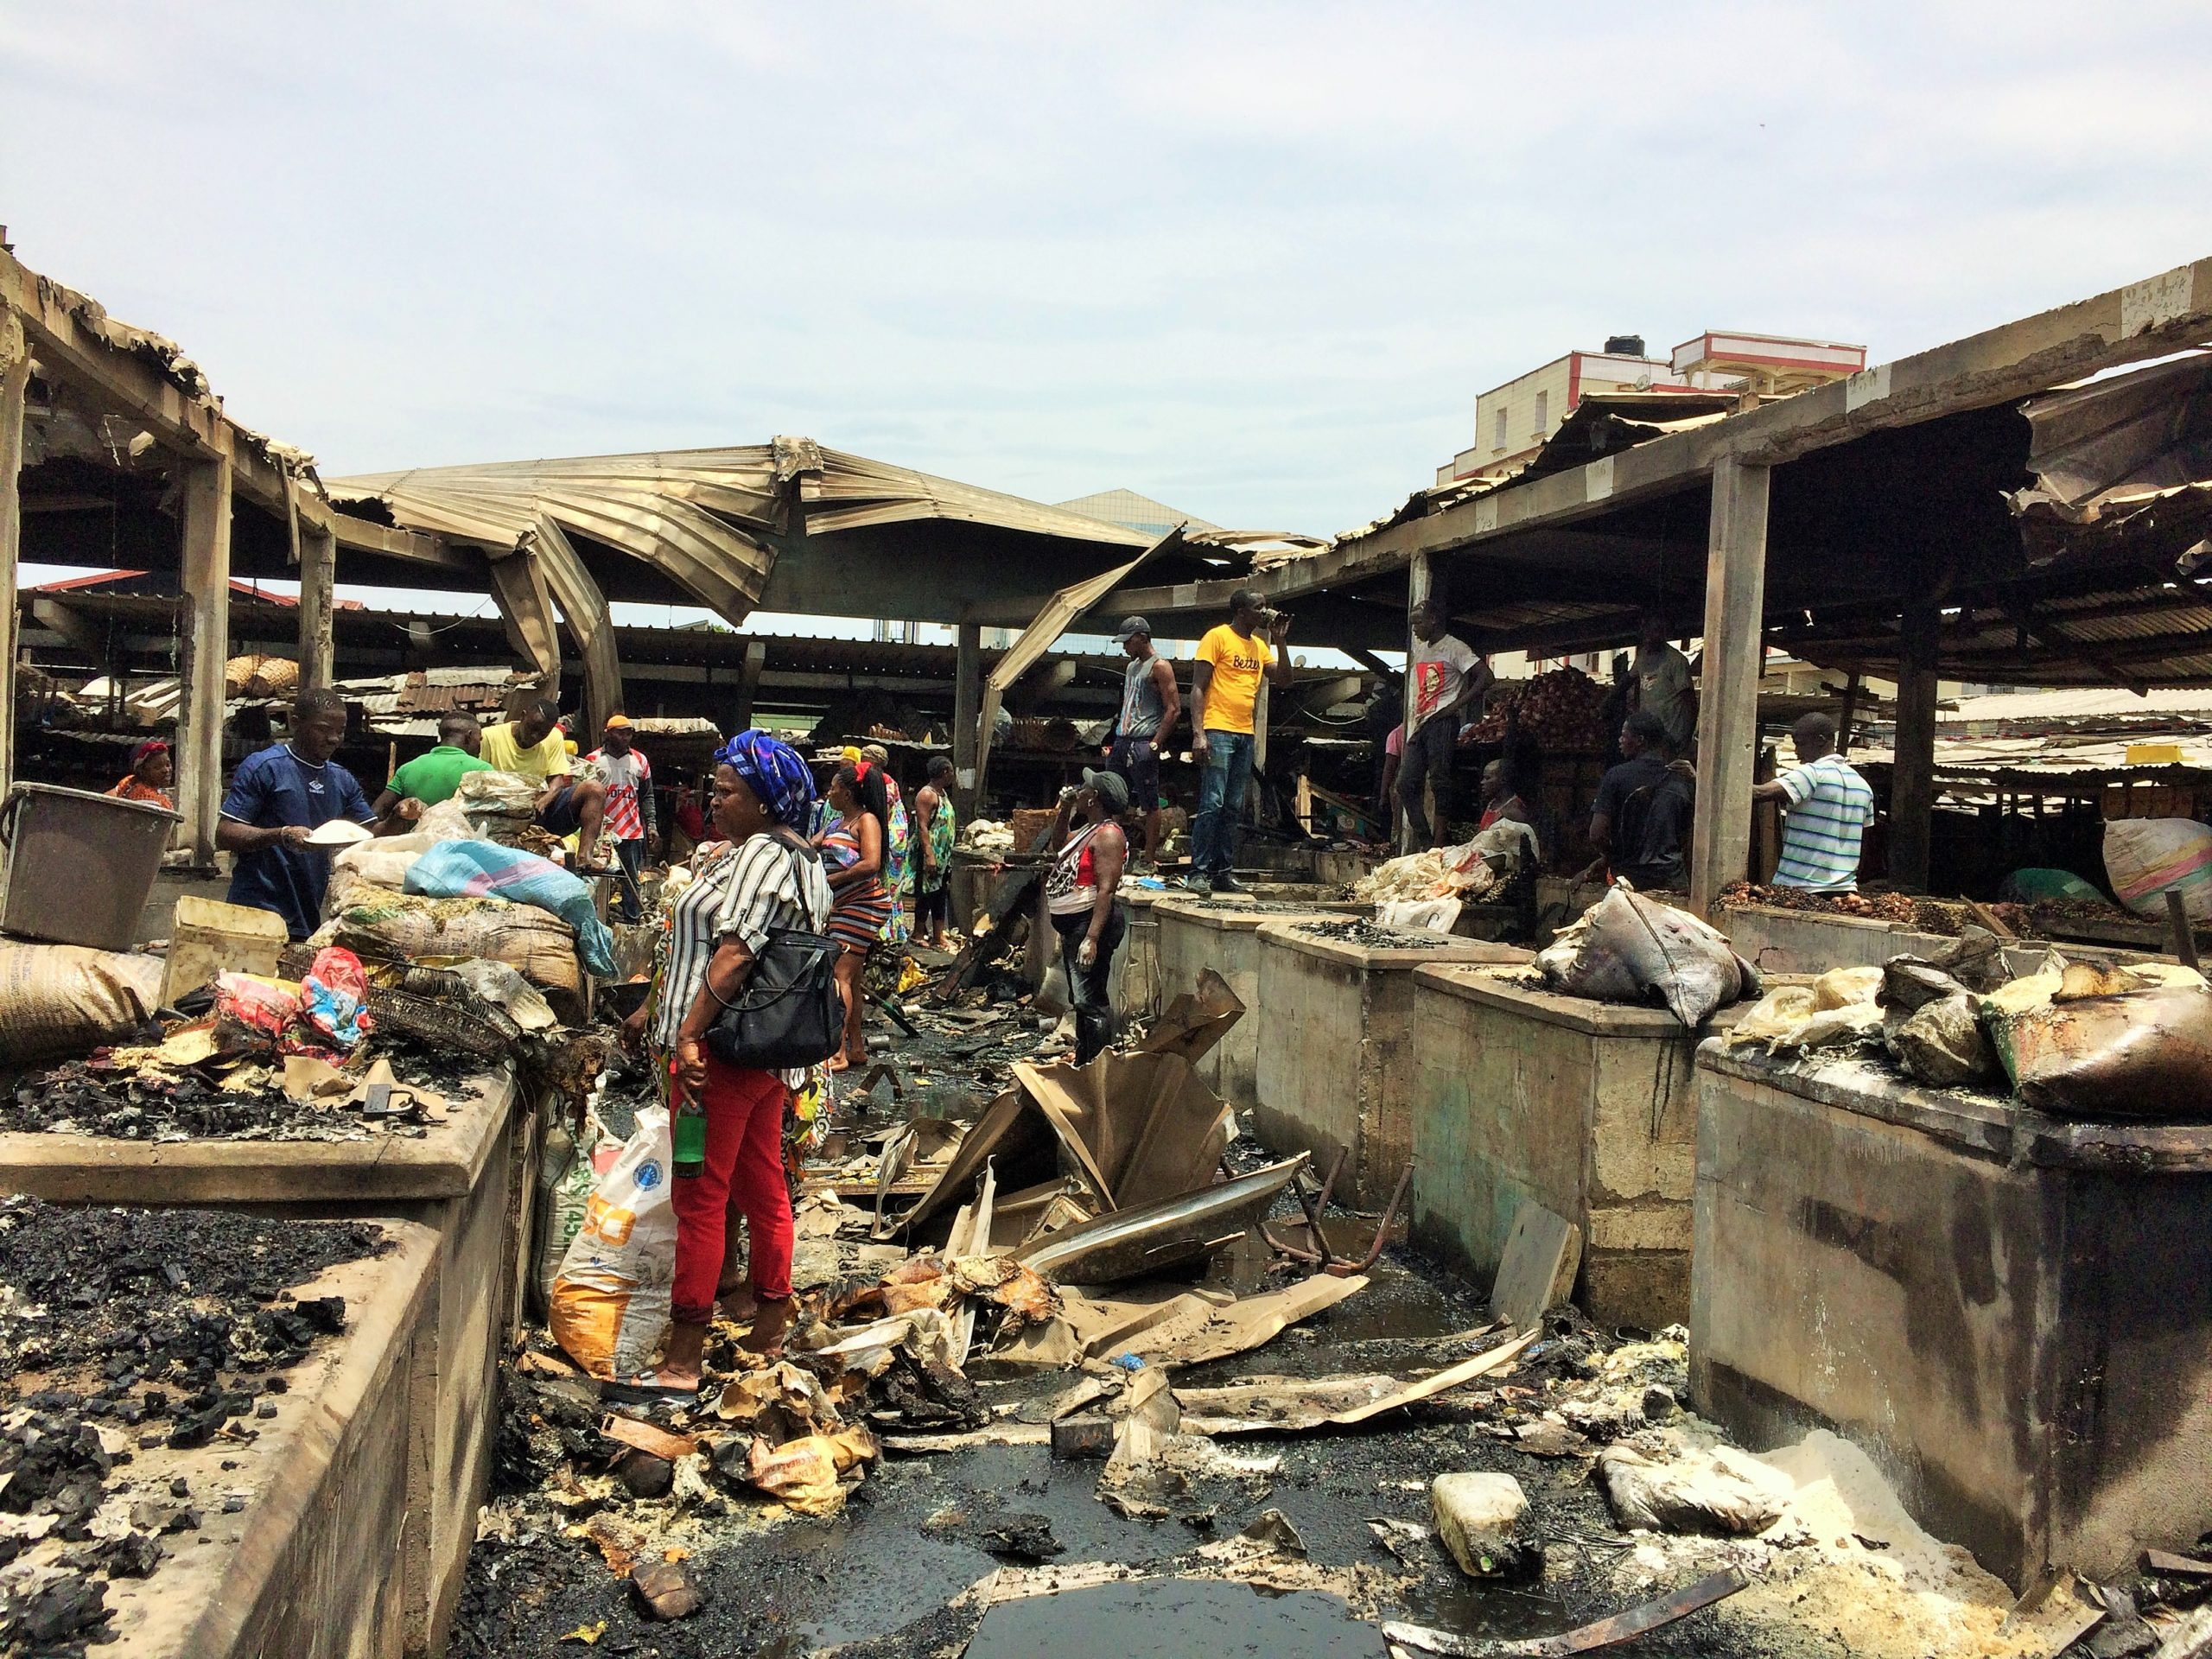 Lundi 12 avril 2021. Des sinistrés fouillent dans les décombres après l'incendie survenu la veille au marché de la Cité des Palmiers de Douala. Photo: Moustapha Oumarou